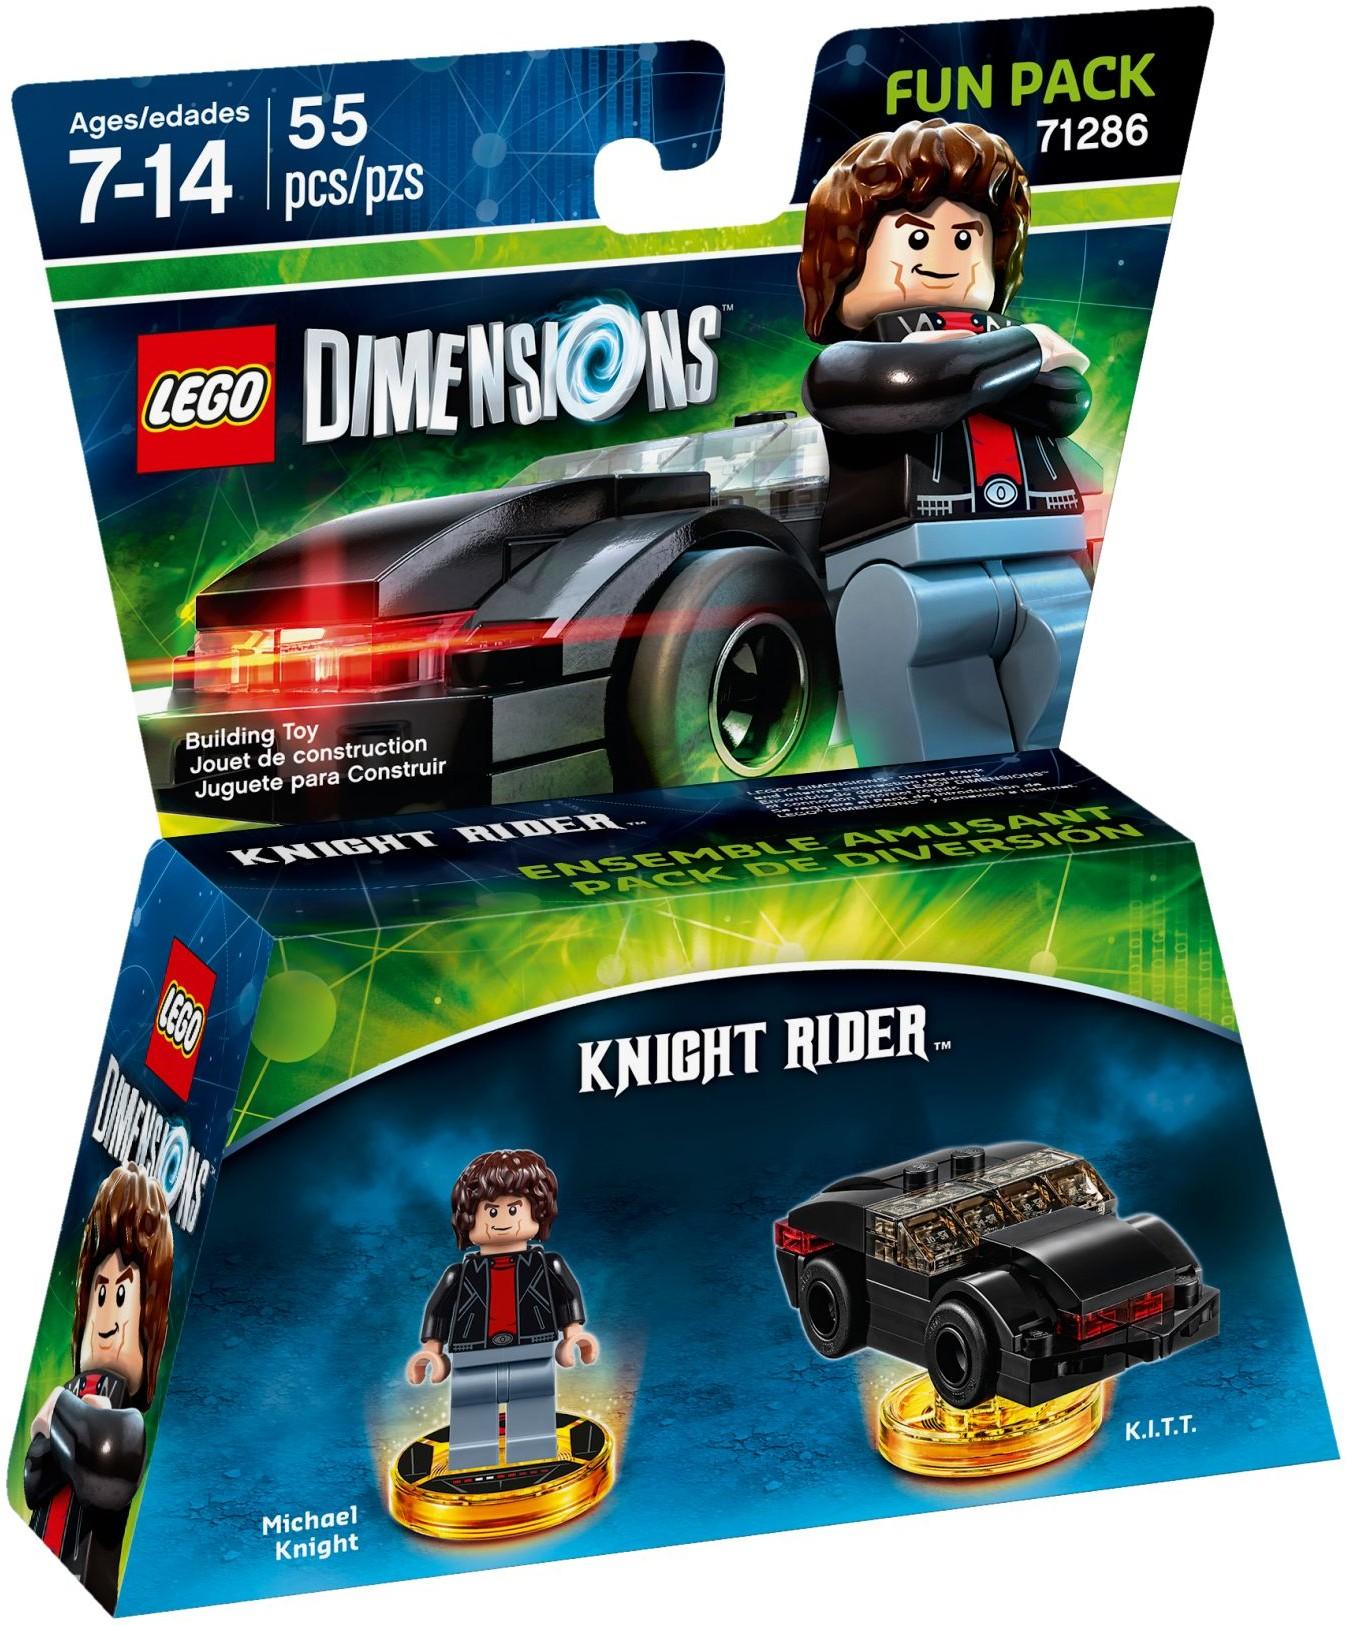 71286 Knight Rider: Майкл Найт